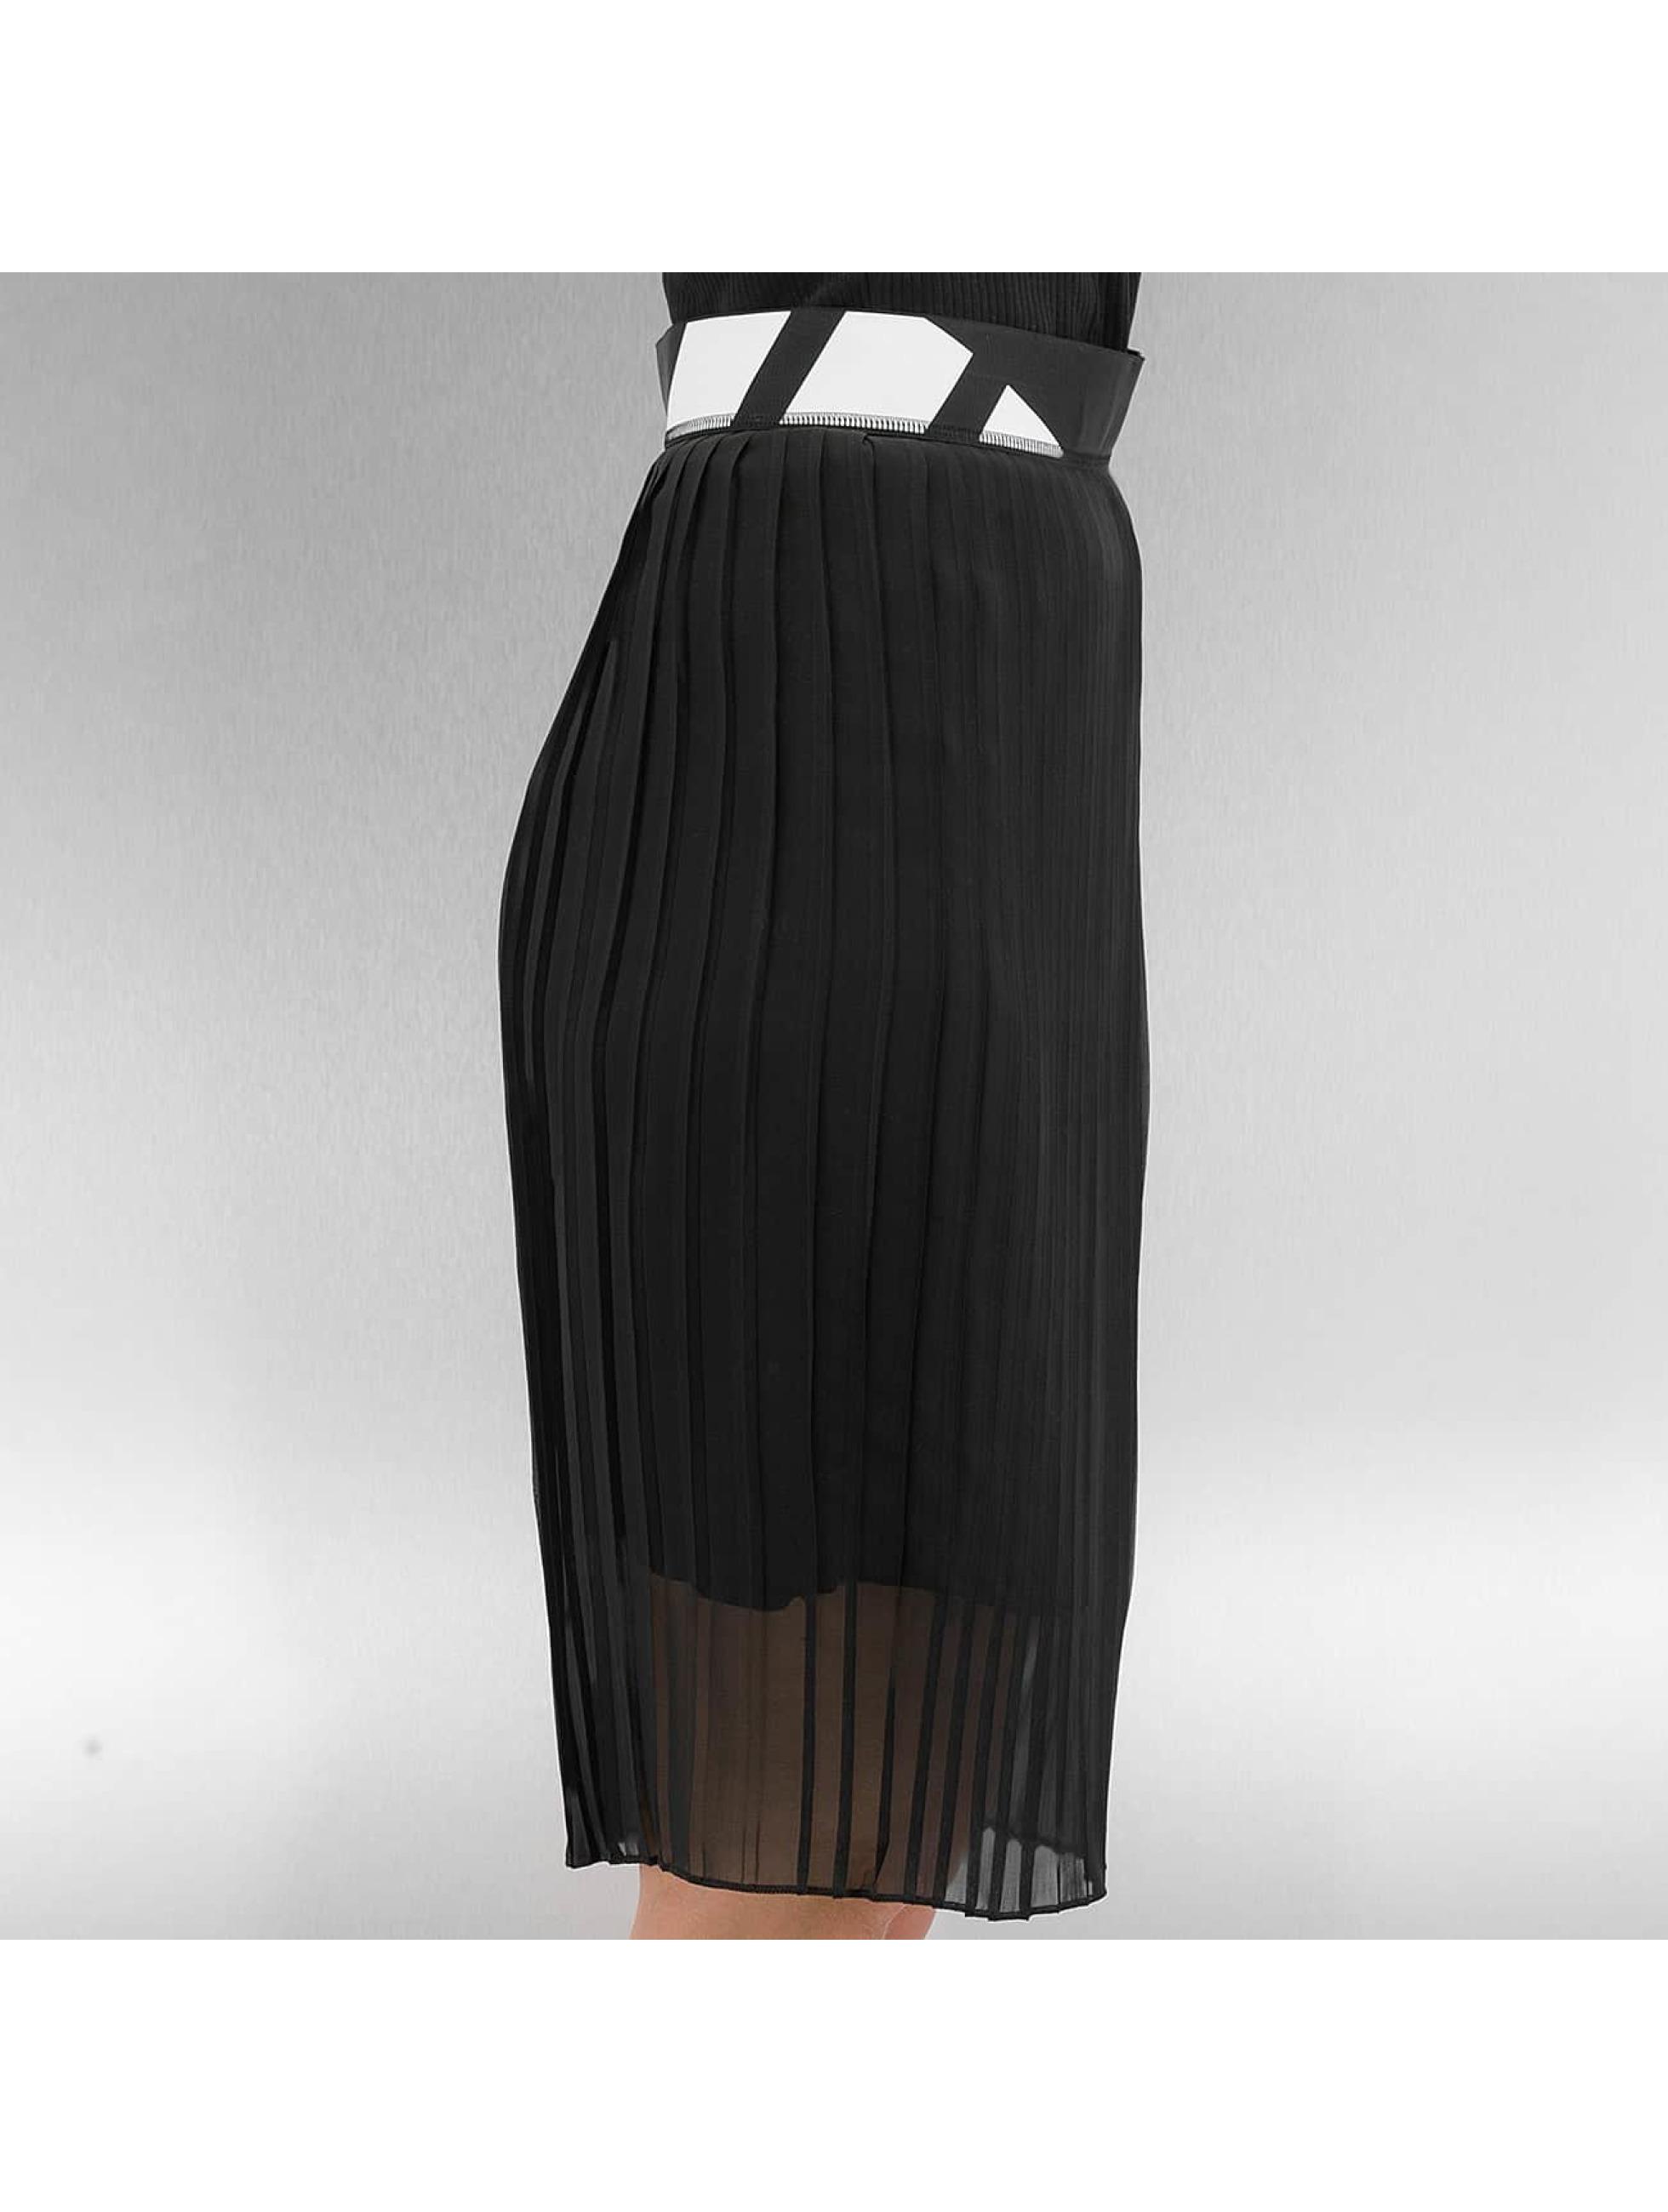 adidas Skirt Pleated black